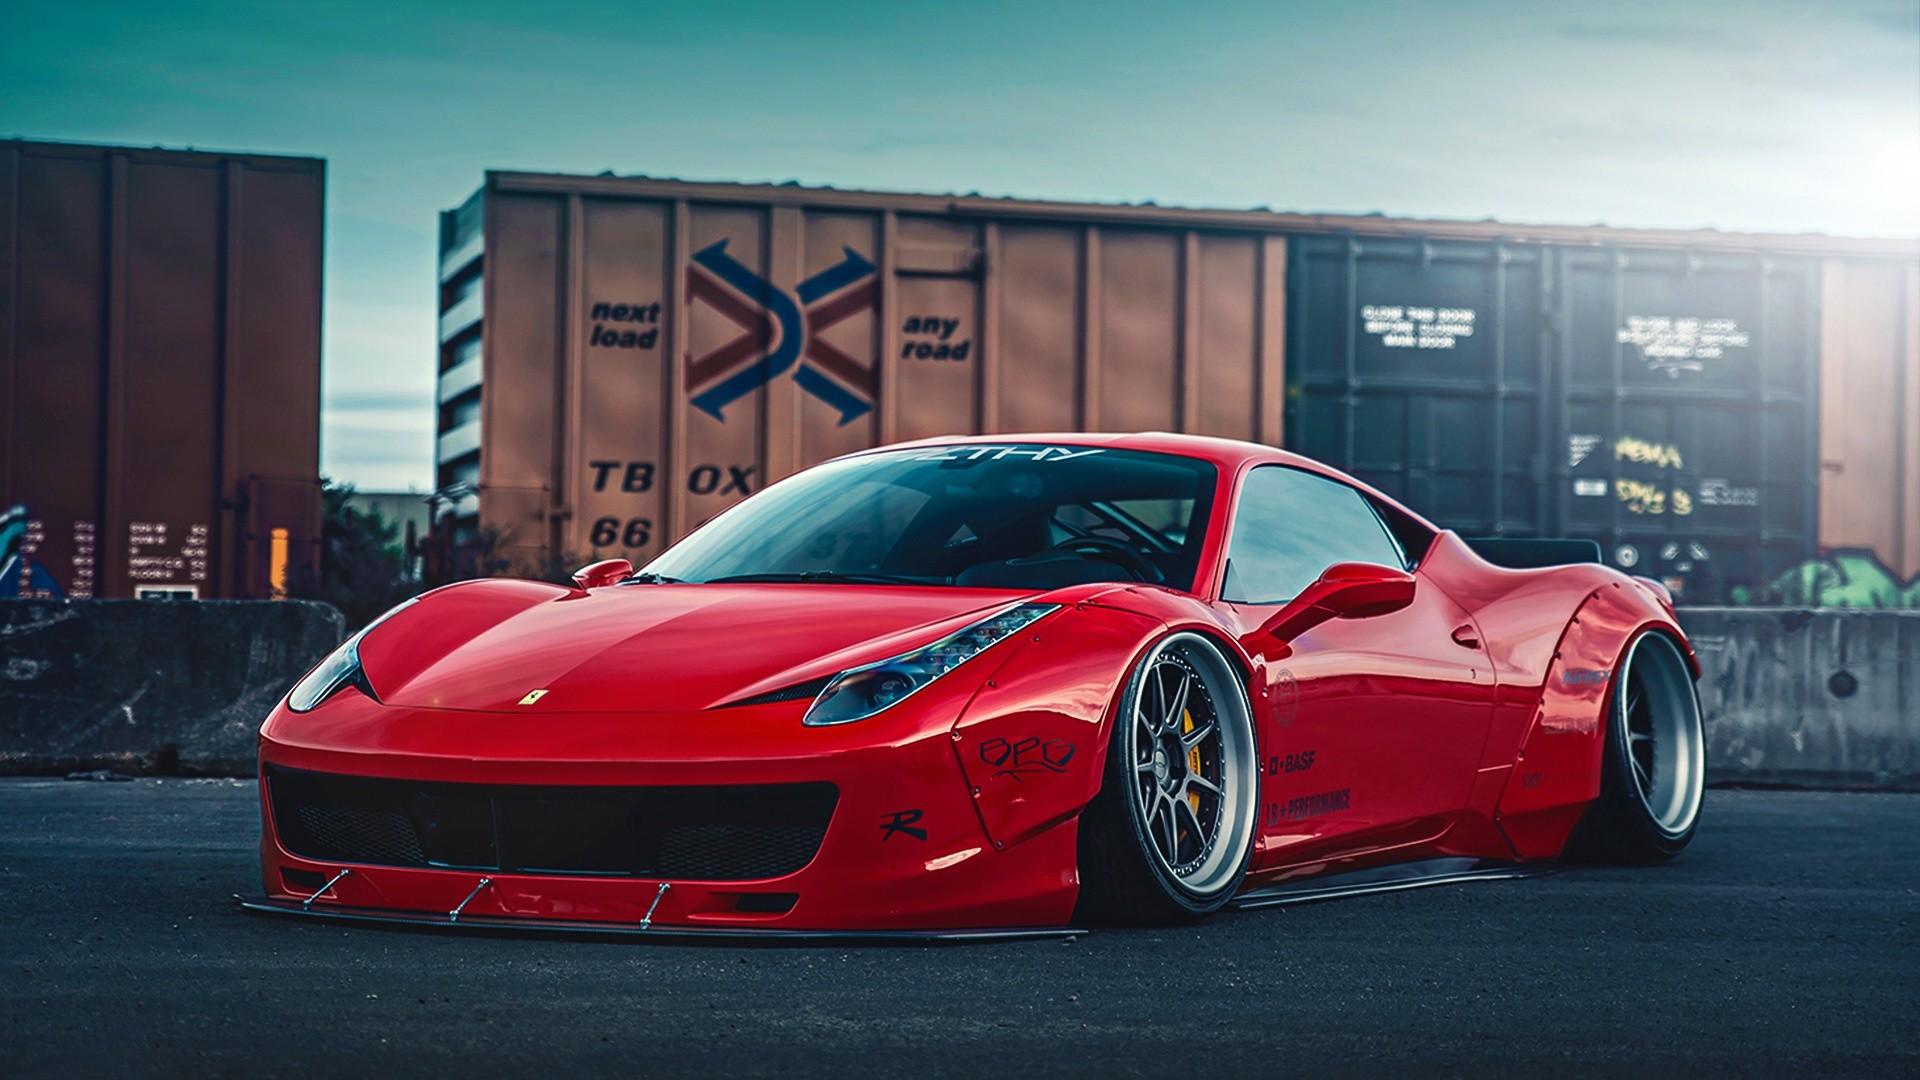 … x 1080 Original. Wallpaper: Ferrari 458 Liberty Walk 2